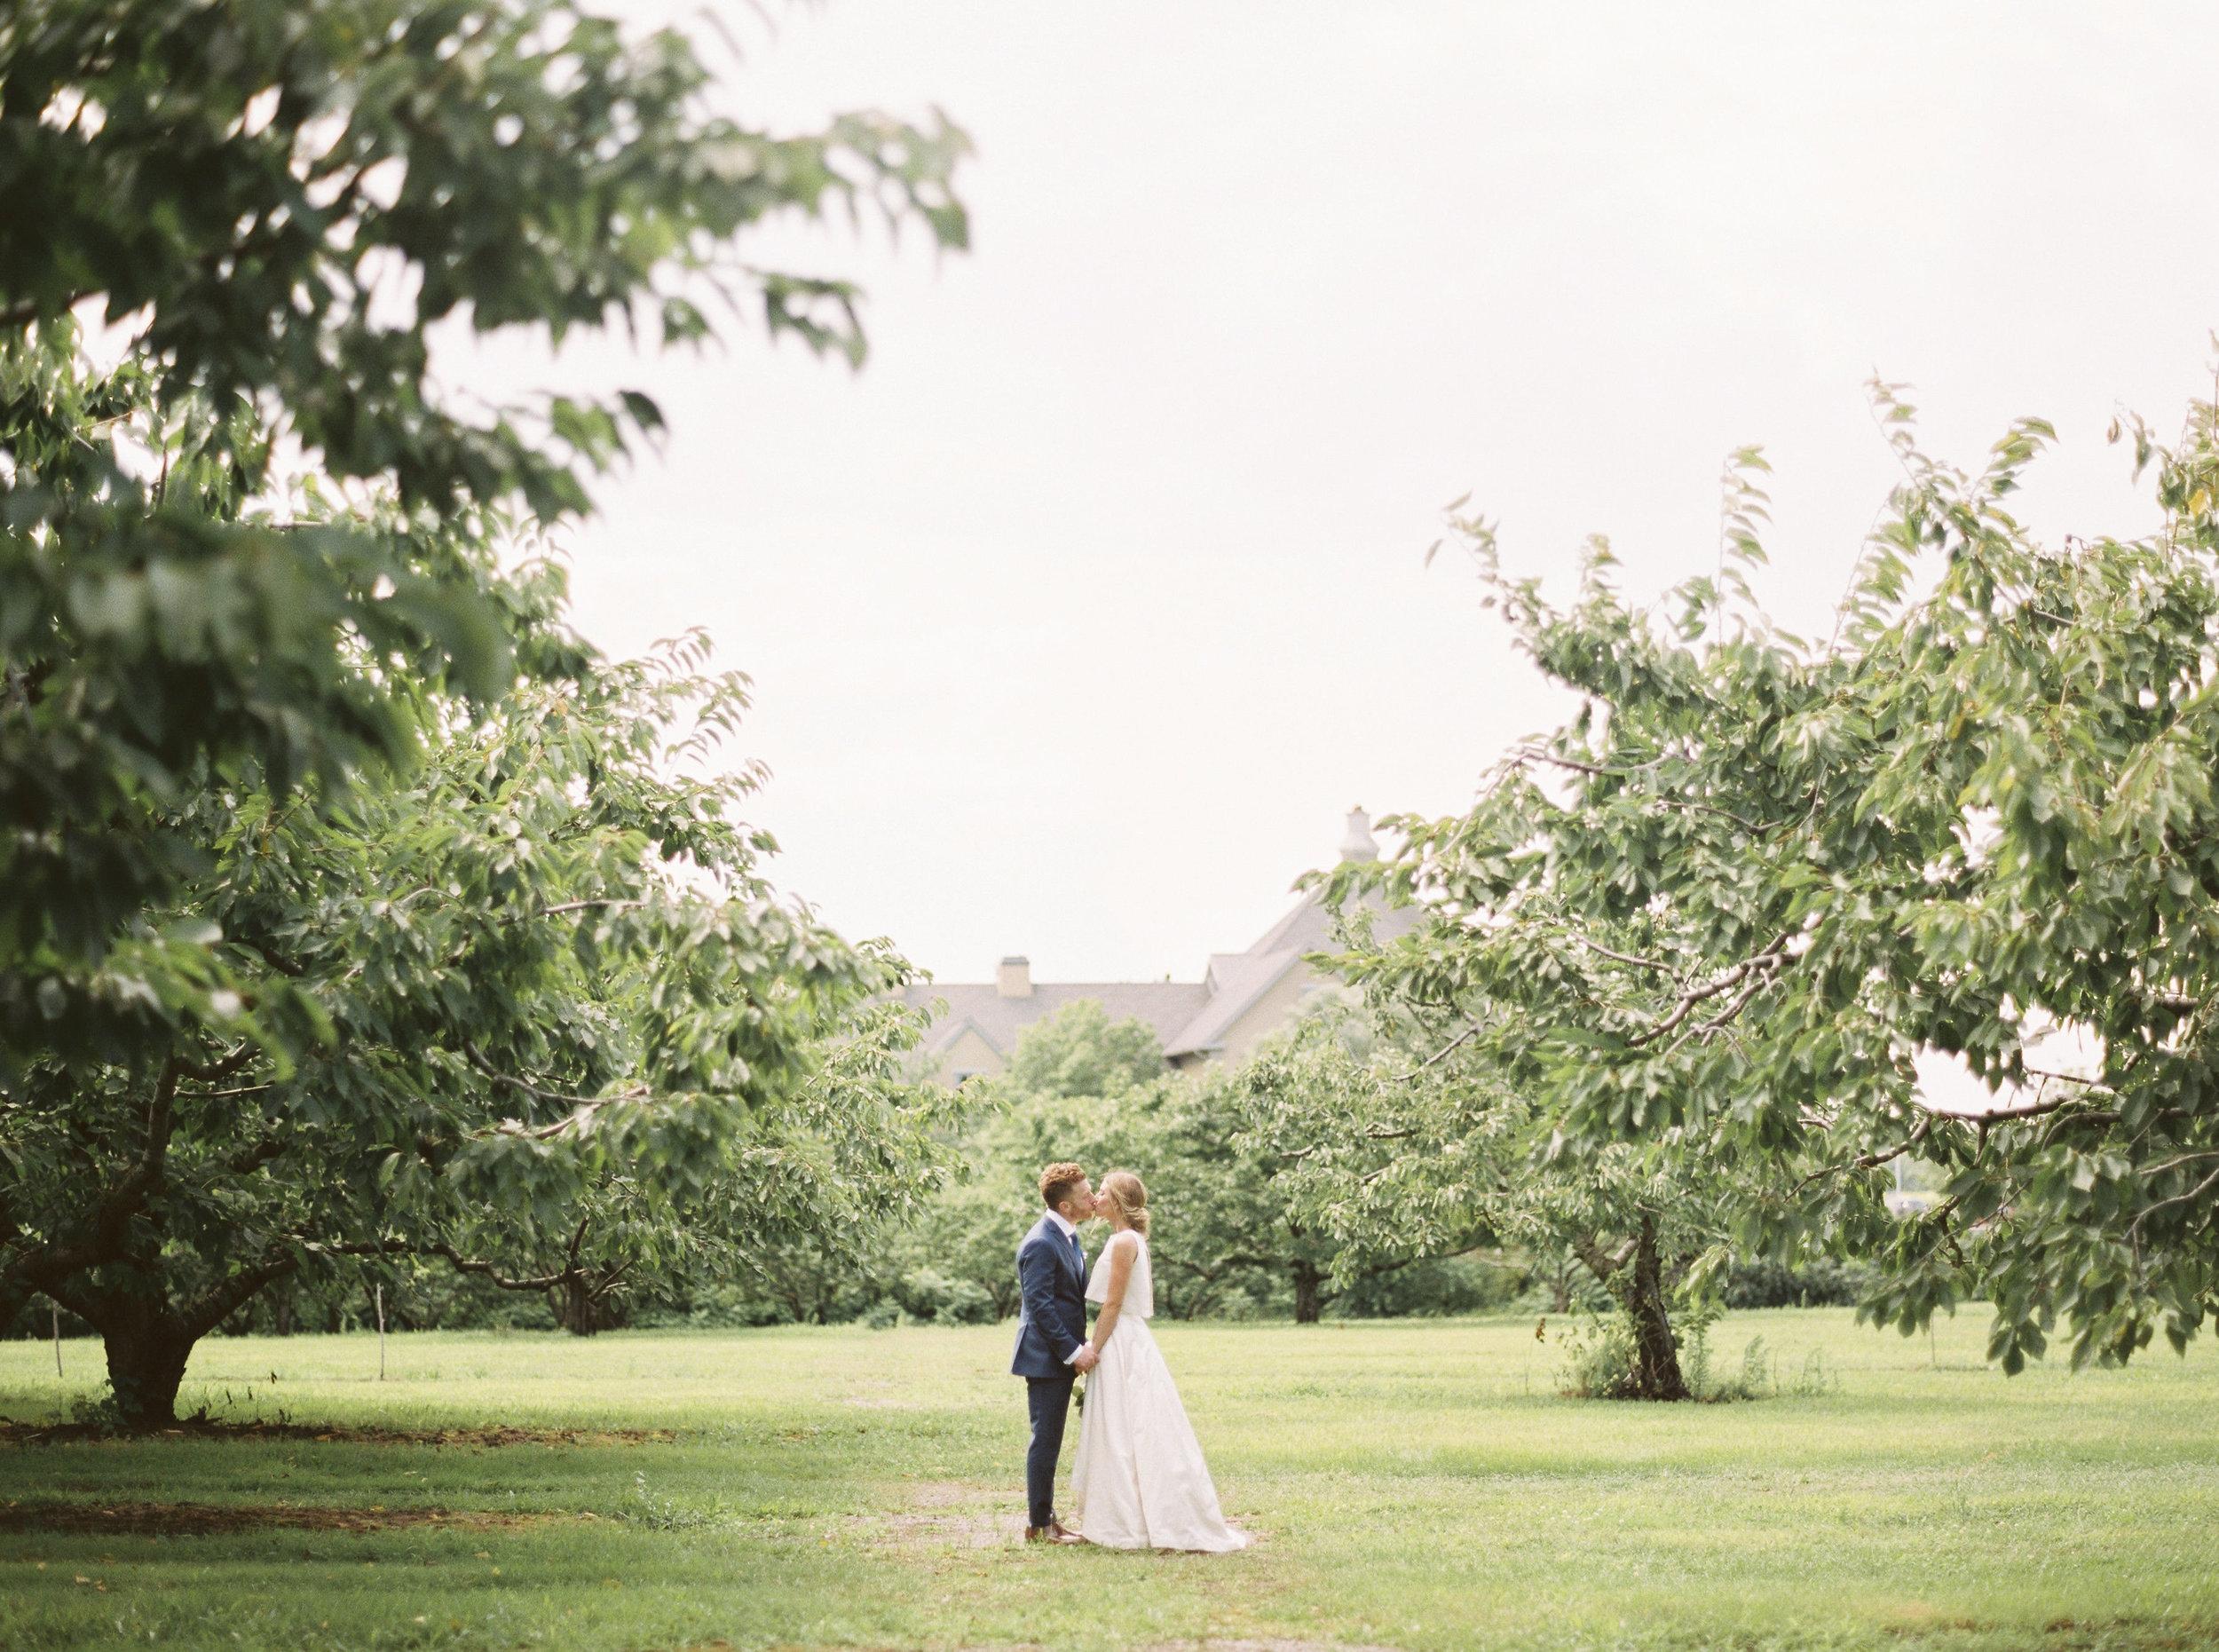 Wedding___Nicole___Eric_256.jpg